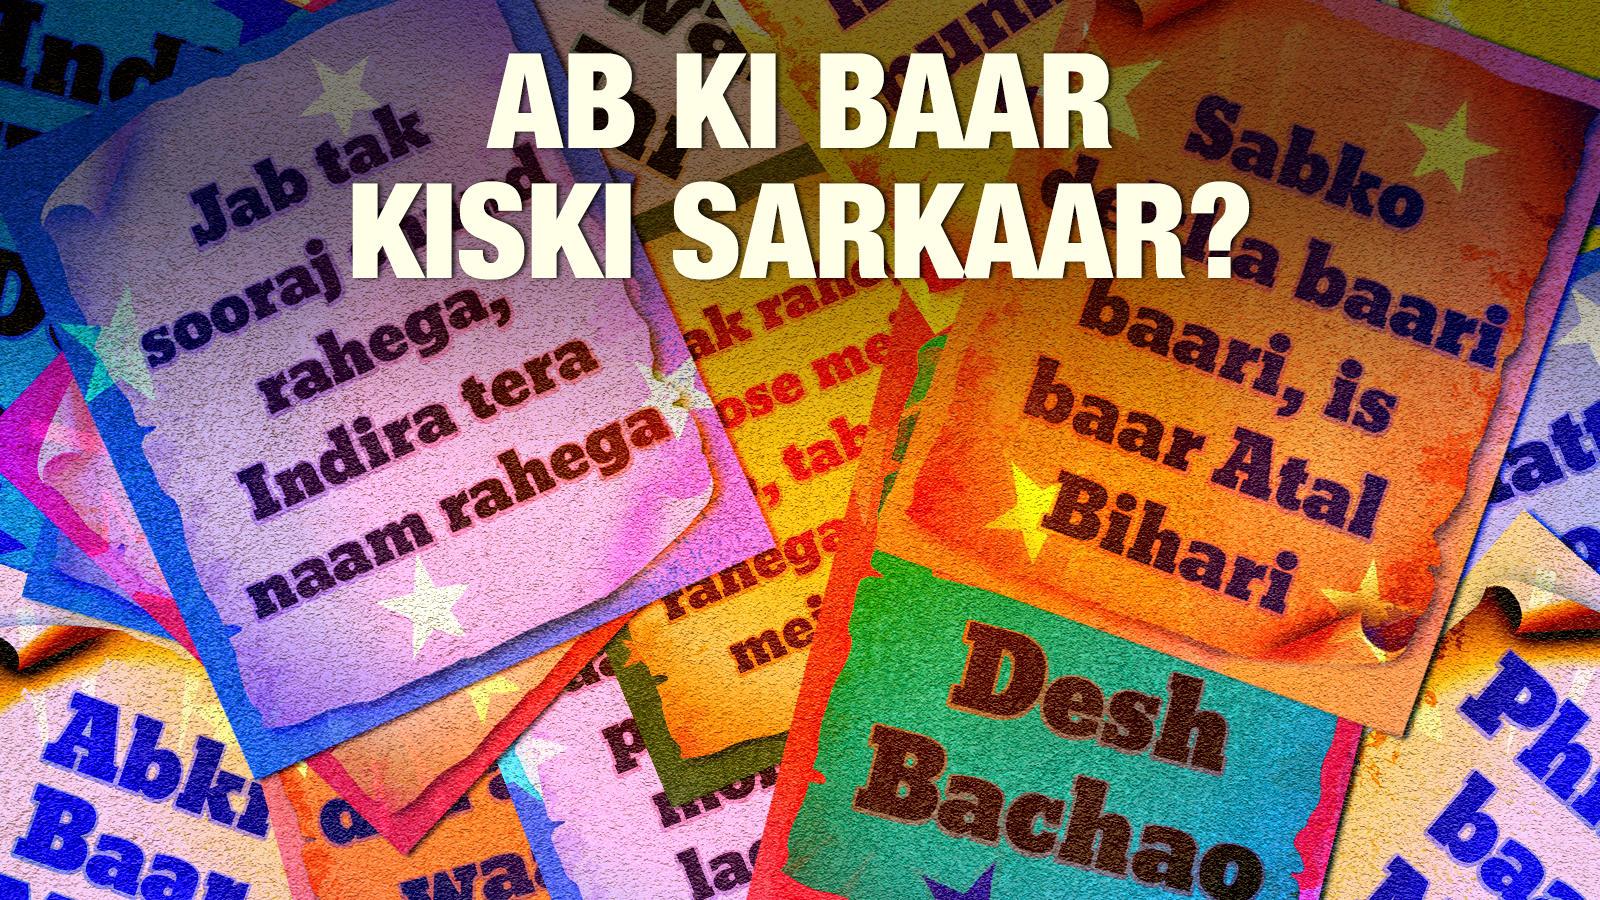 Ab ki baar kiski sarkar? - Times of India